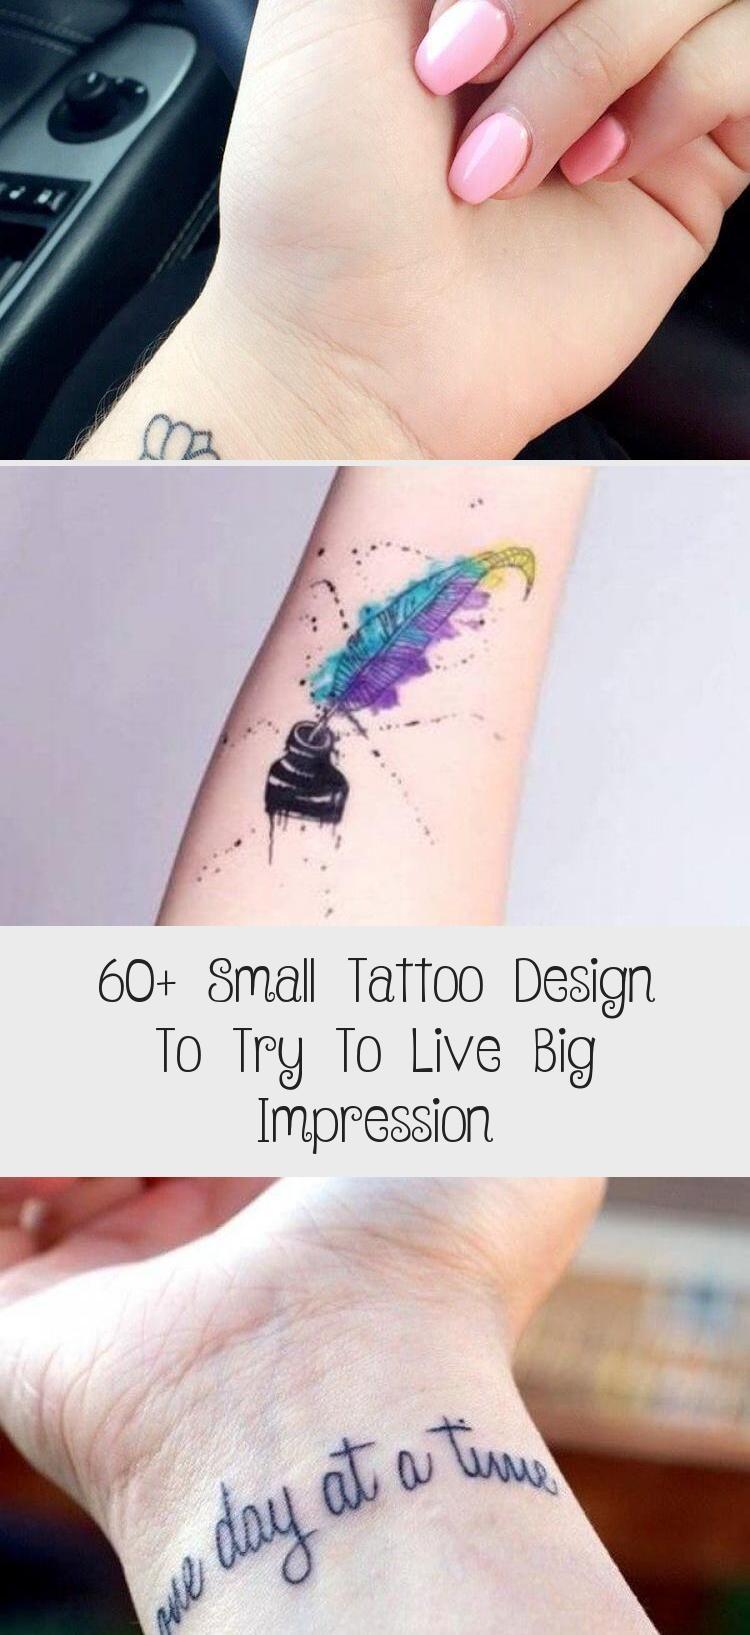 Photo of 60 meilleures idées de tatouage mignon et petit – Tatouages